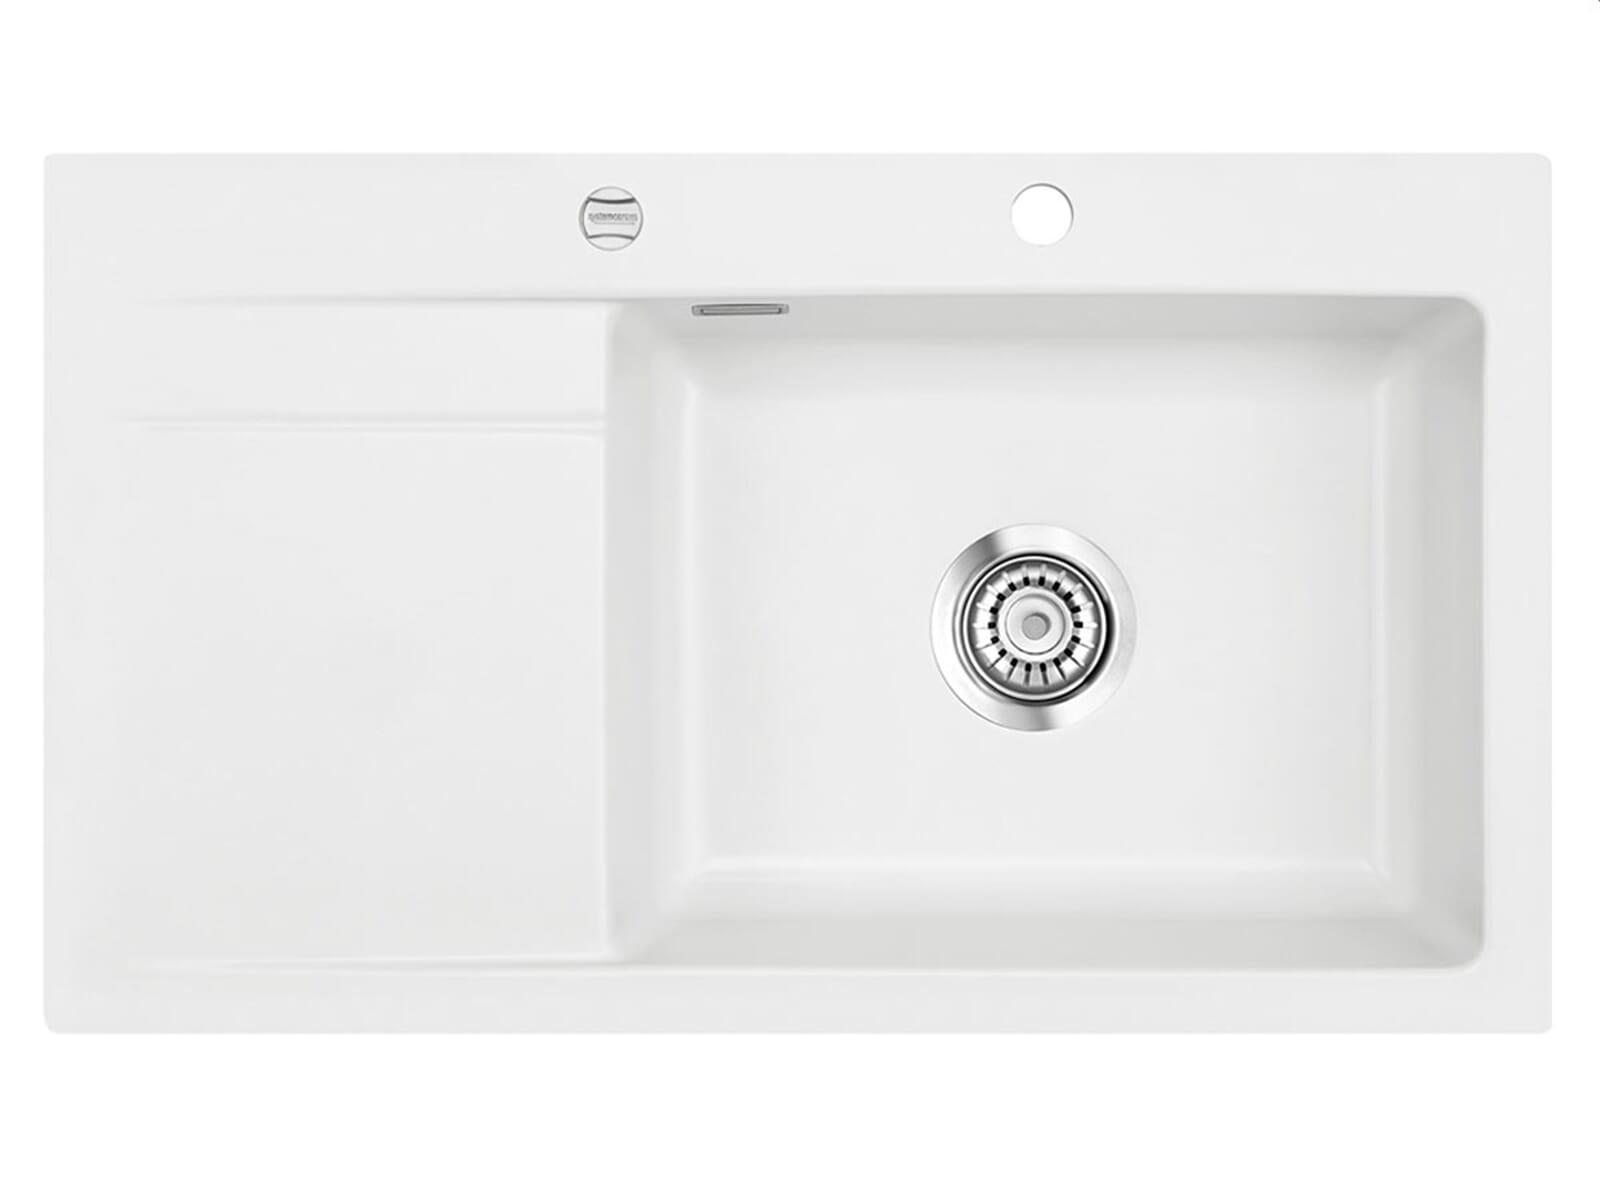 Systemceram Stema 86 SL Polar Keramikspüle Excenterbetätigung